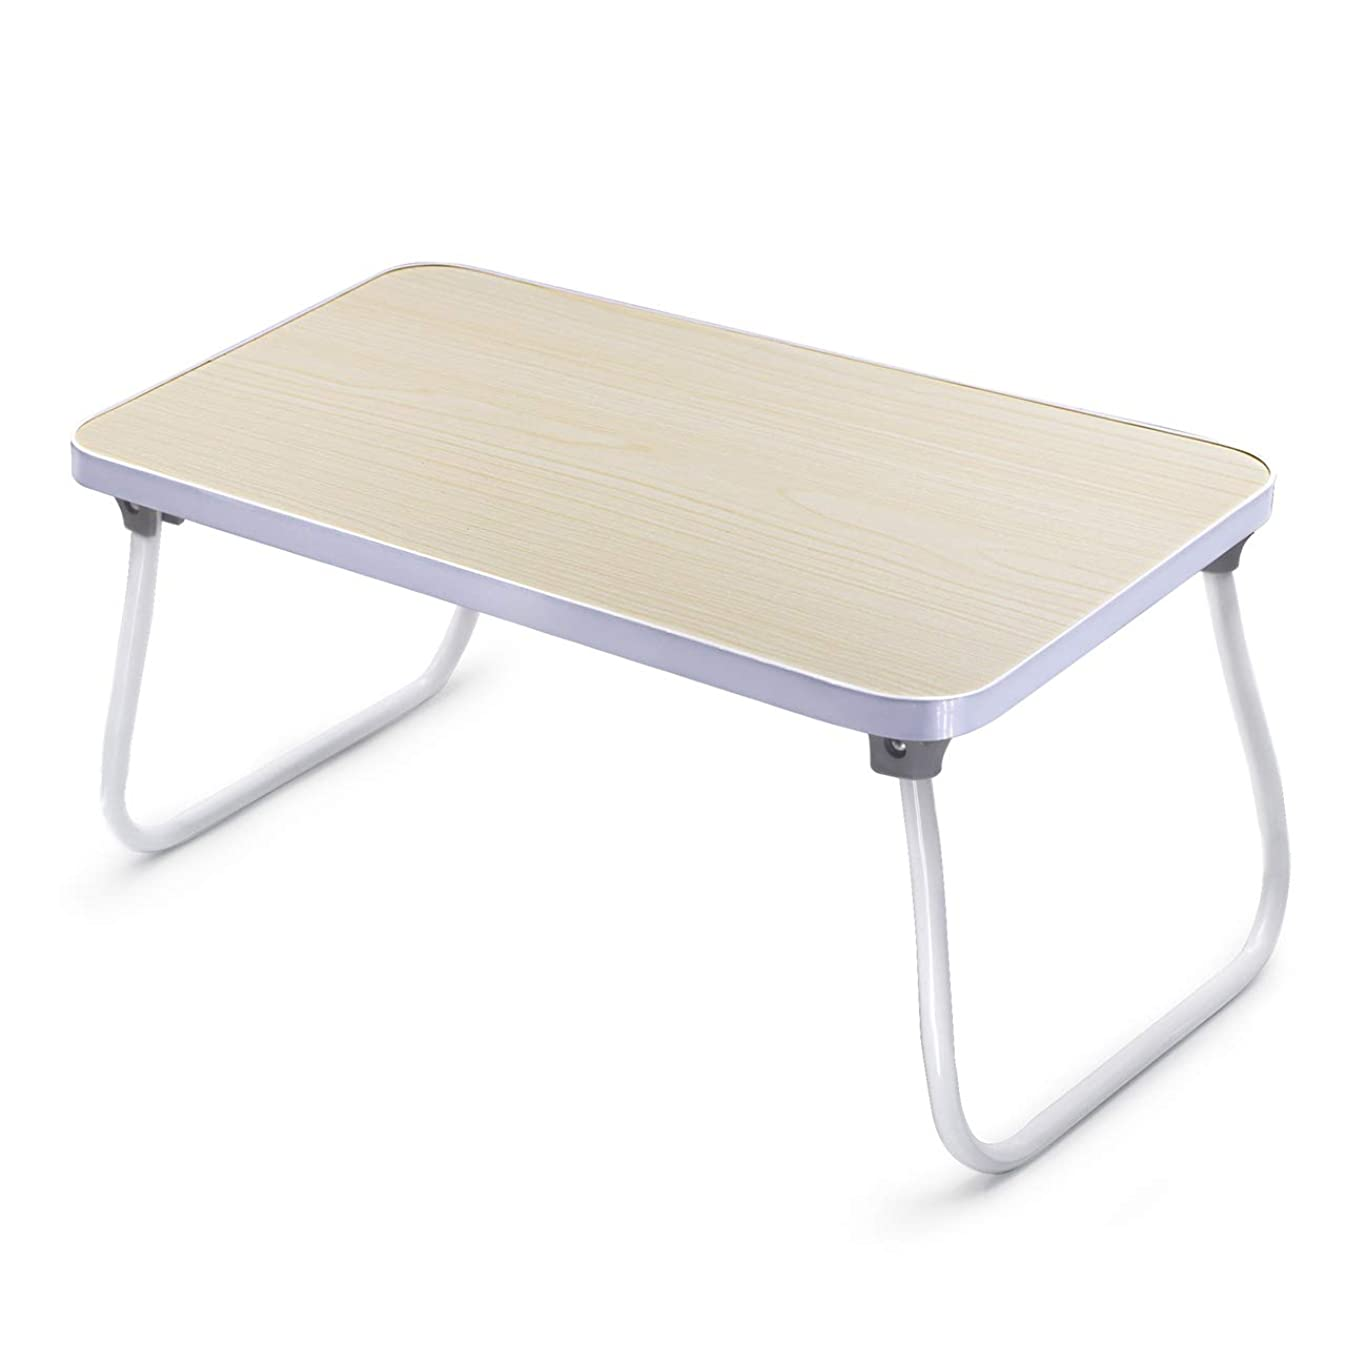 世界に死んだ天才付添人折りたたみテーブル (木の色)